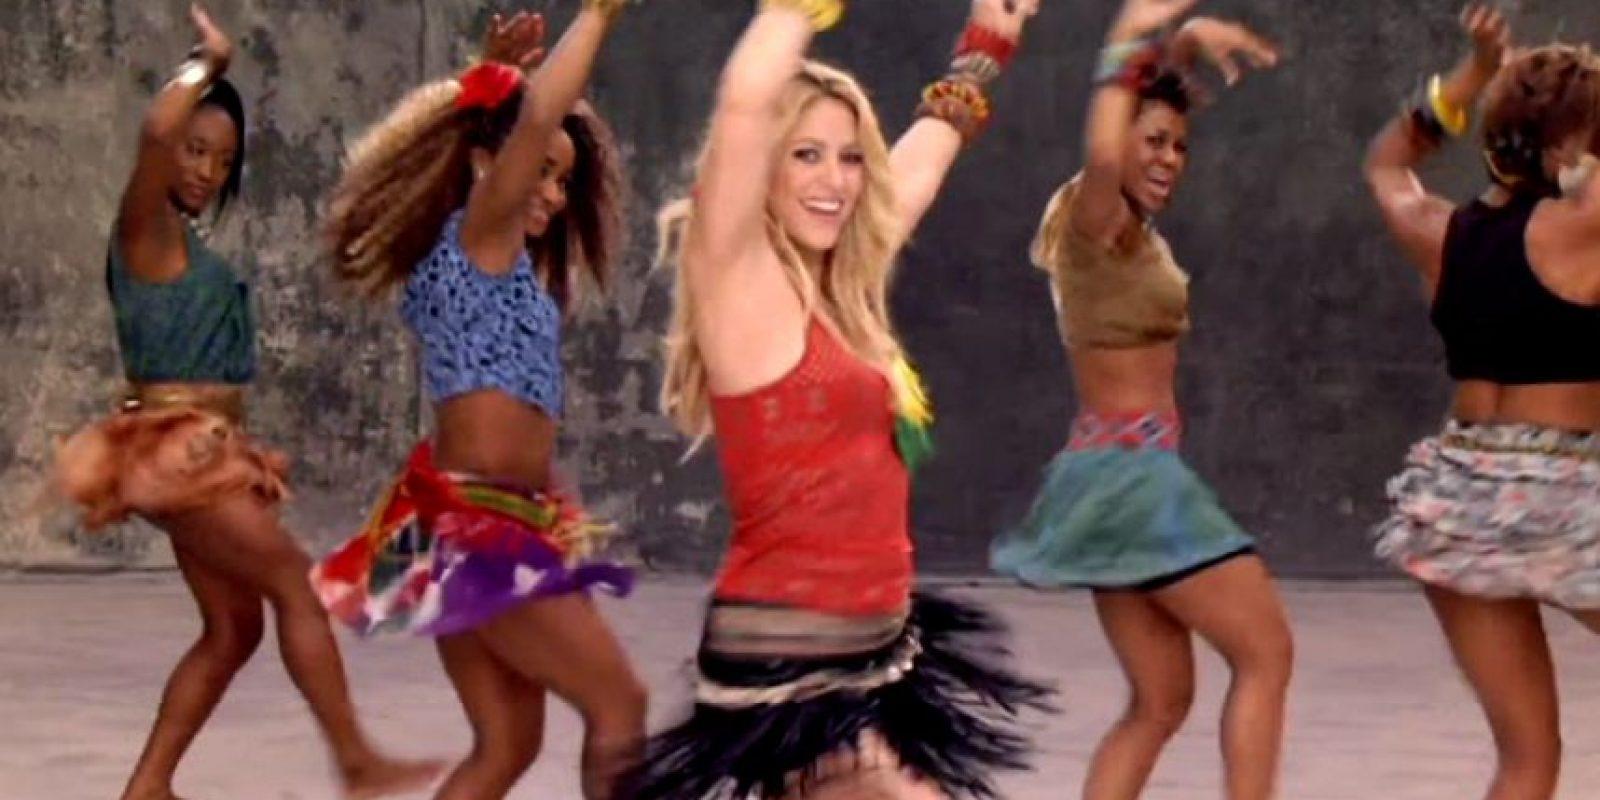 20. 1.007.232.889 – Waka Waka (This Is For Africa) – Shakira Foto:Youtube